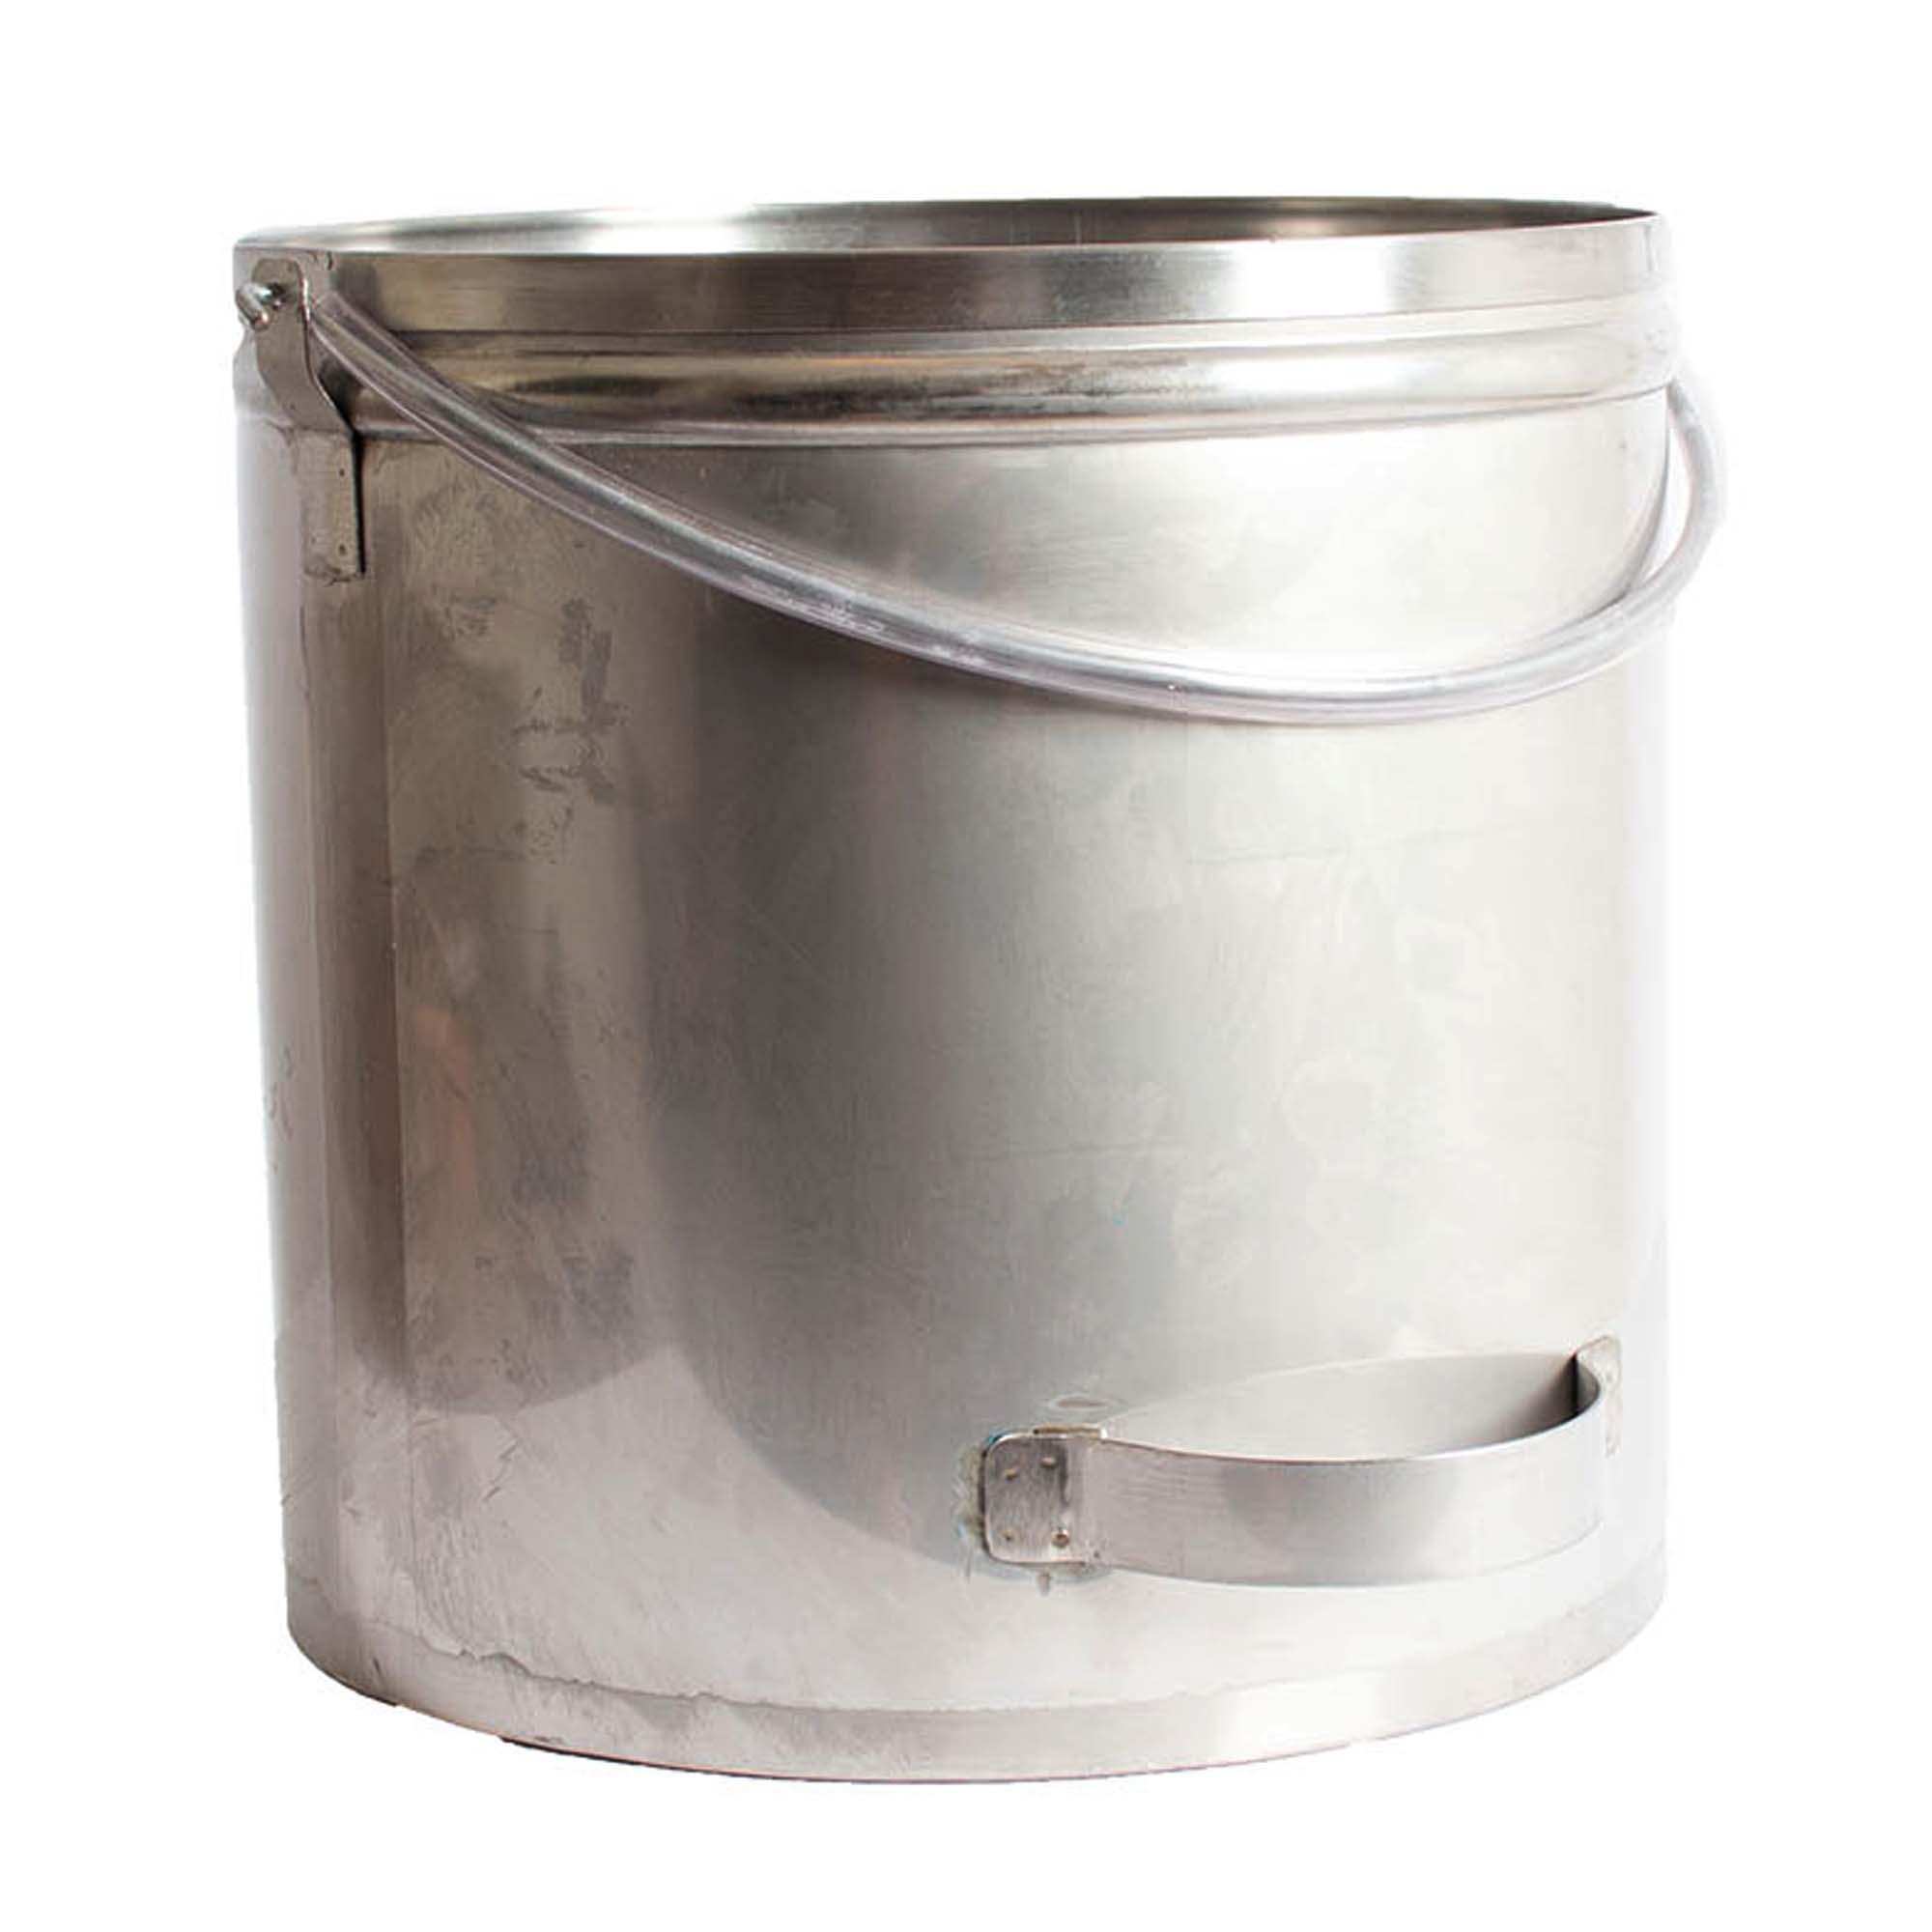 Balde em aço inoxidável - 20 litros